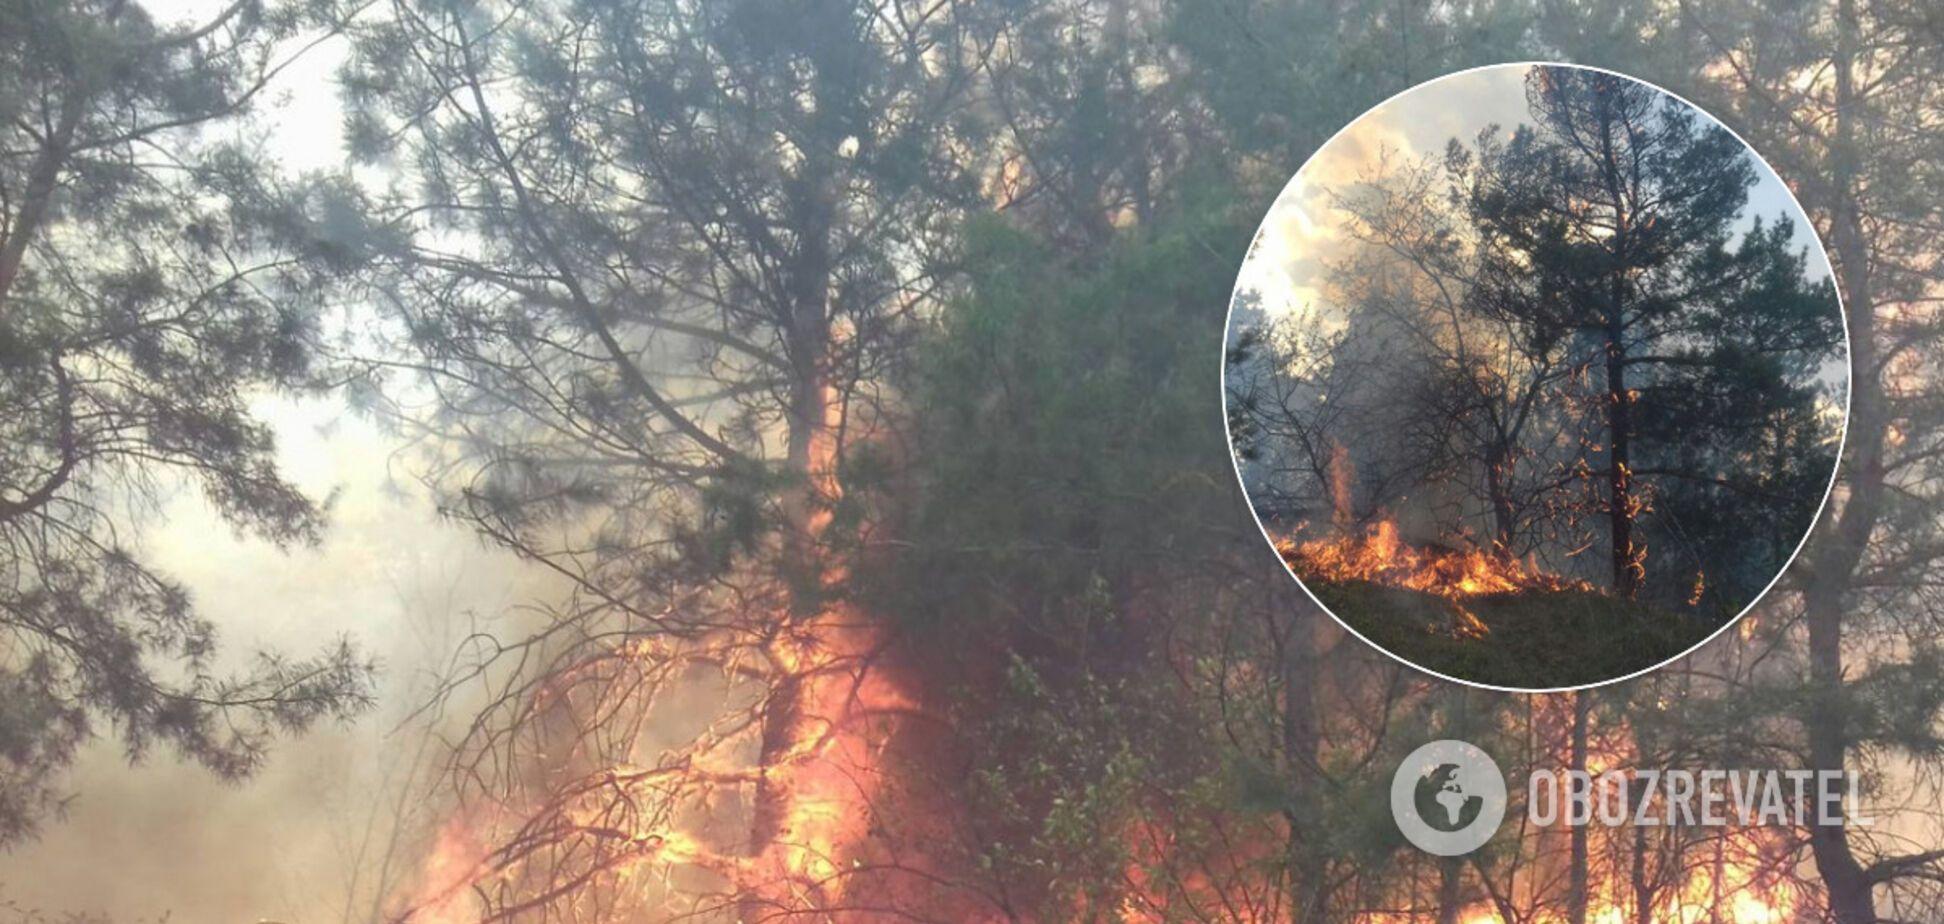 Під Одесою спалахнула масштабна лісова пожежа. Фото і відео